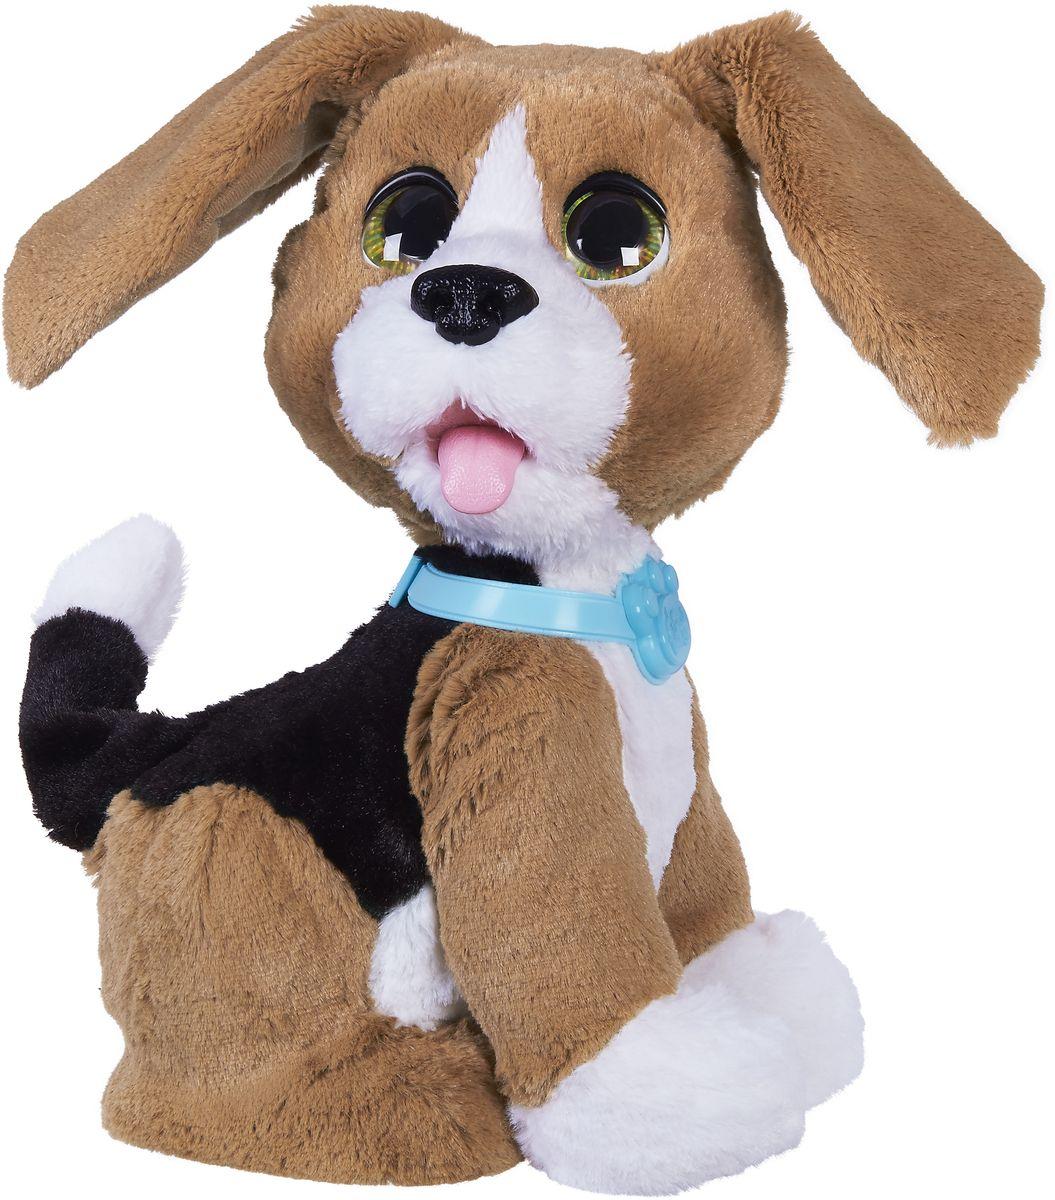 FurReal Friends Интерактивная игрушка Говорящий щенок - Интерактивные игрушки